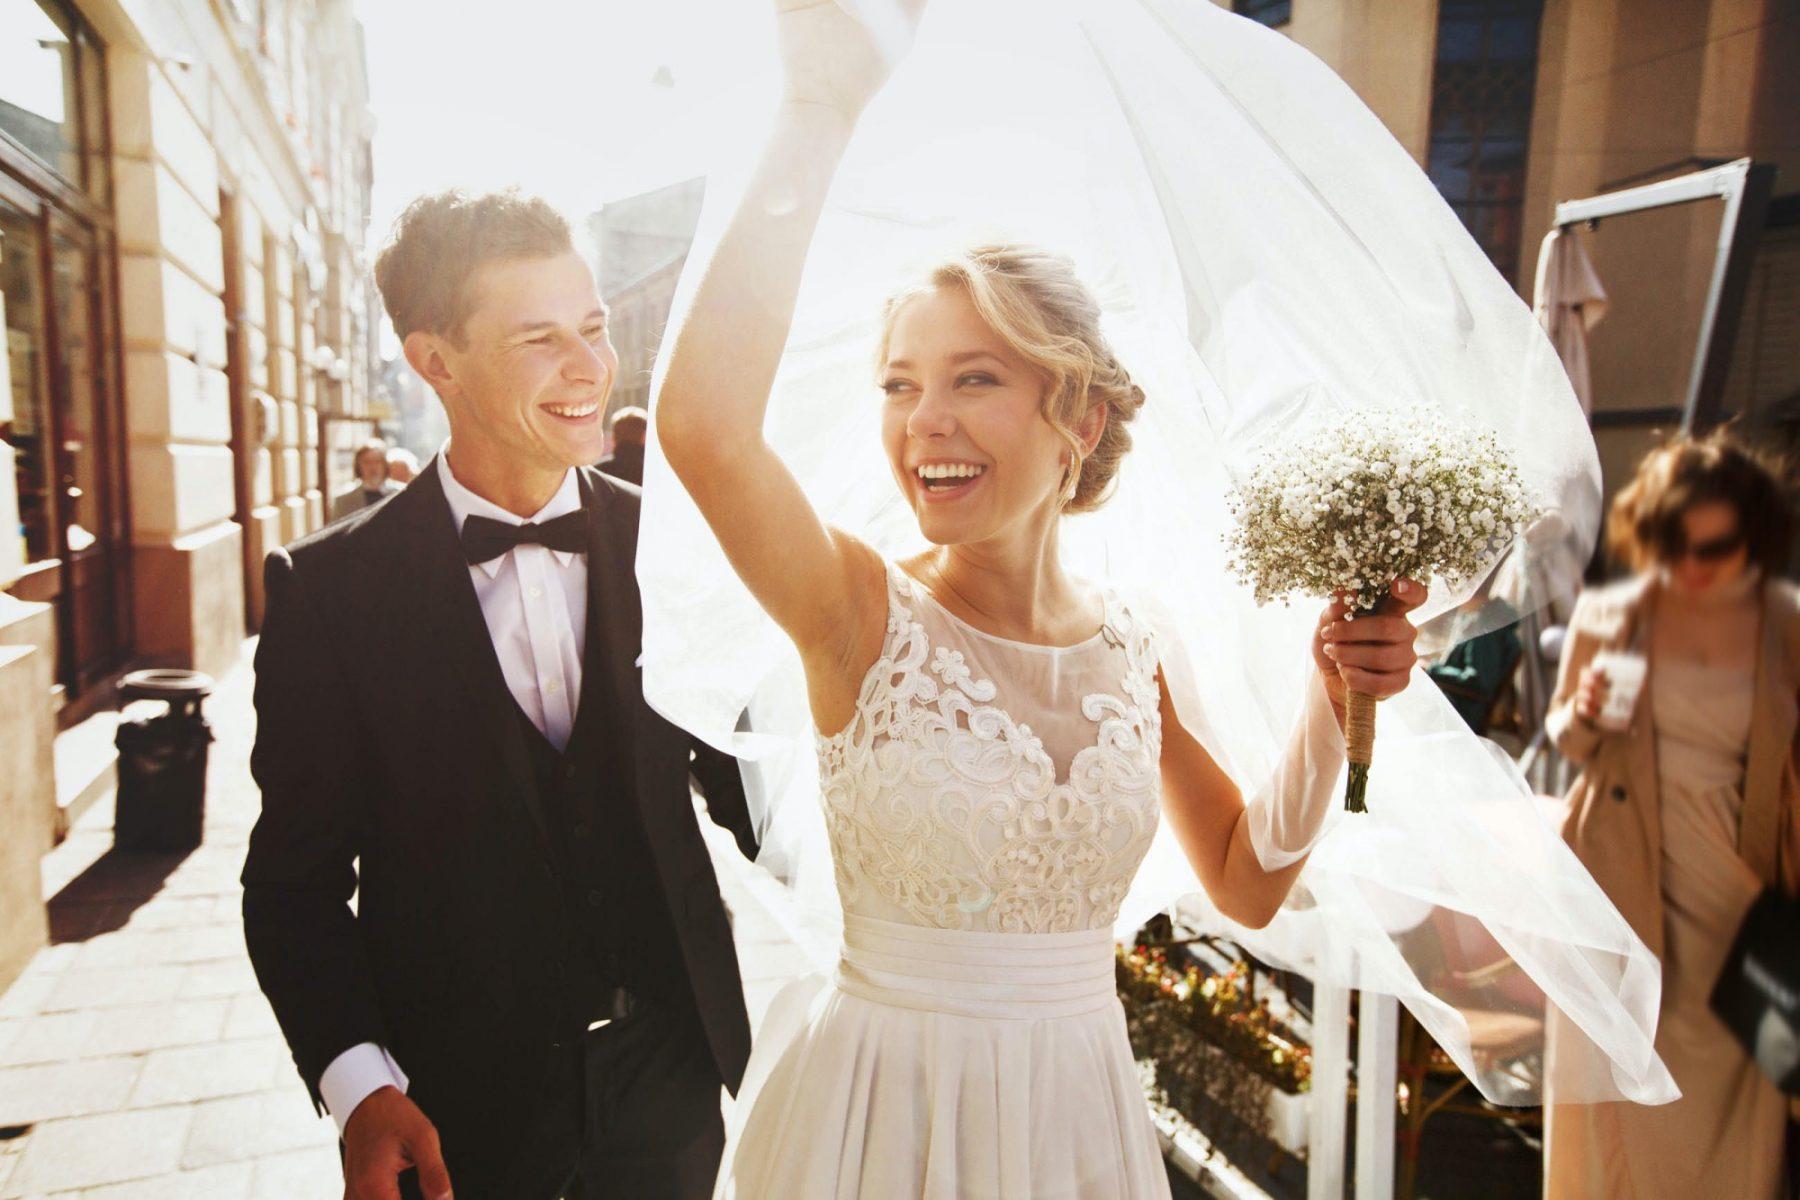 Γάμος με τα όλα του: 5 ερωτήσεις που πρέπει να κάνεις στον εαυτό σου πριν